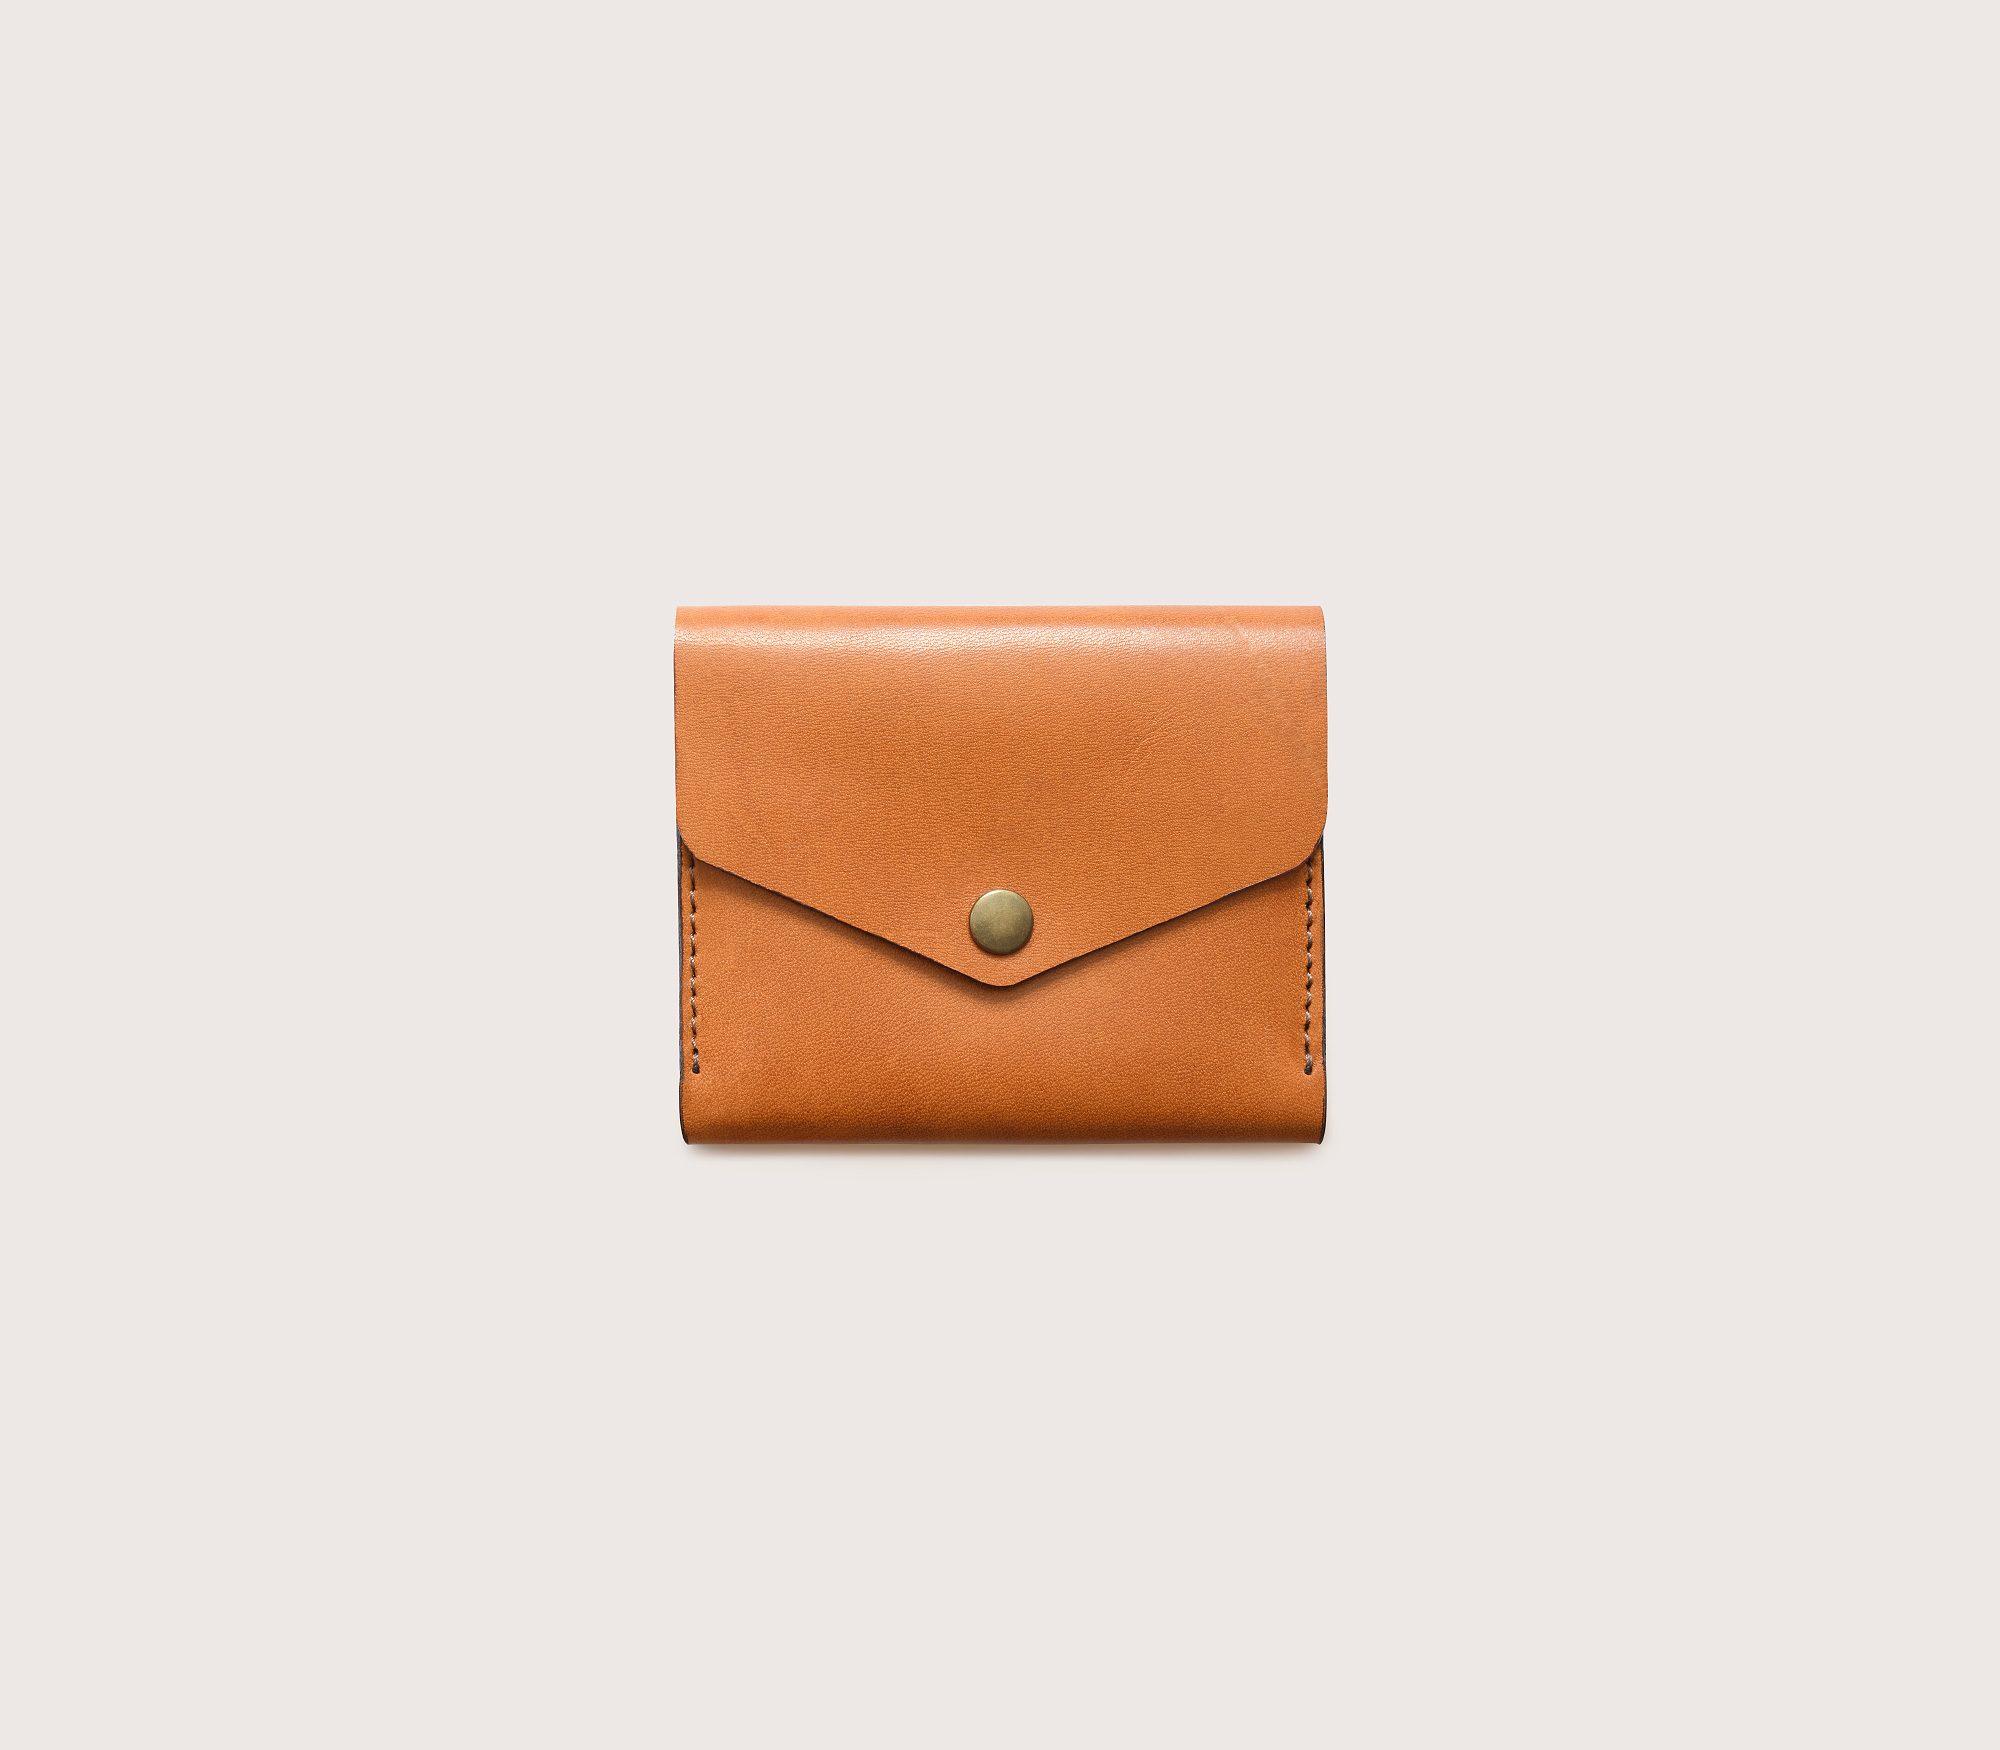 Кожаный мини-кошелек CASANIE рыжего цвета